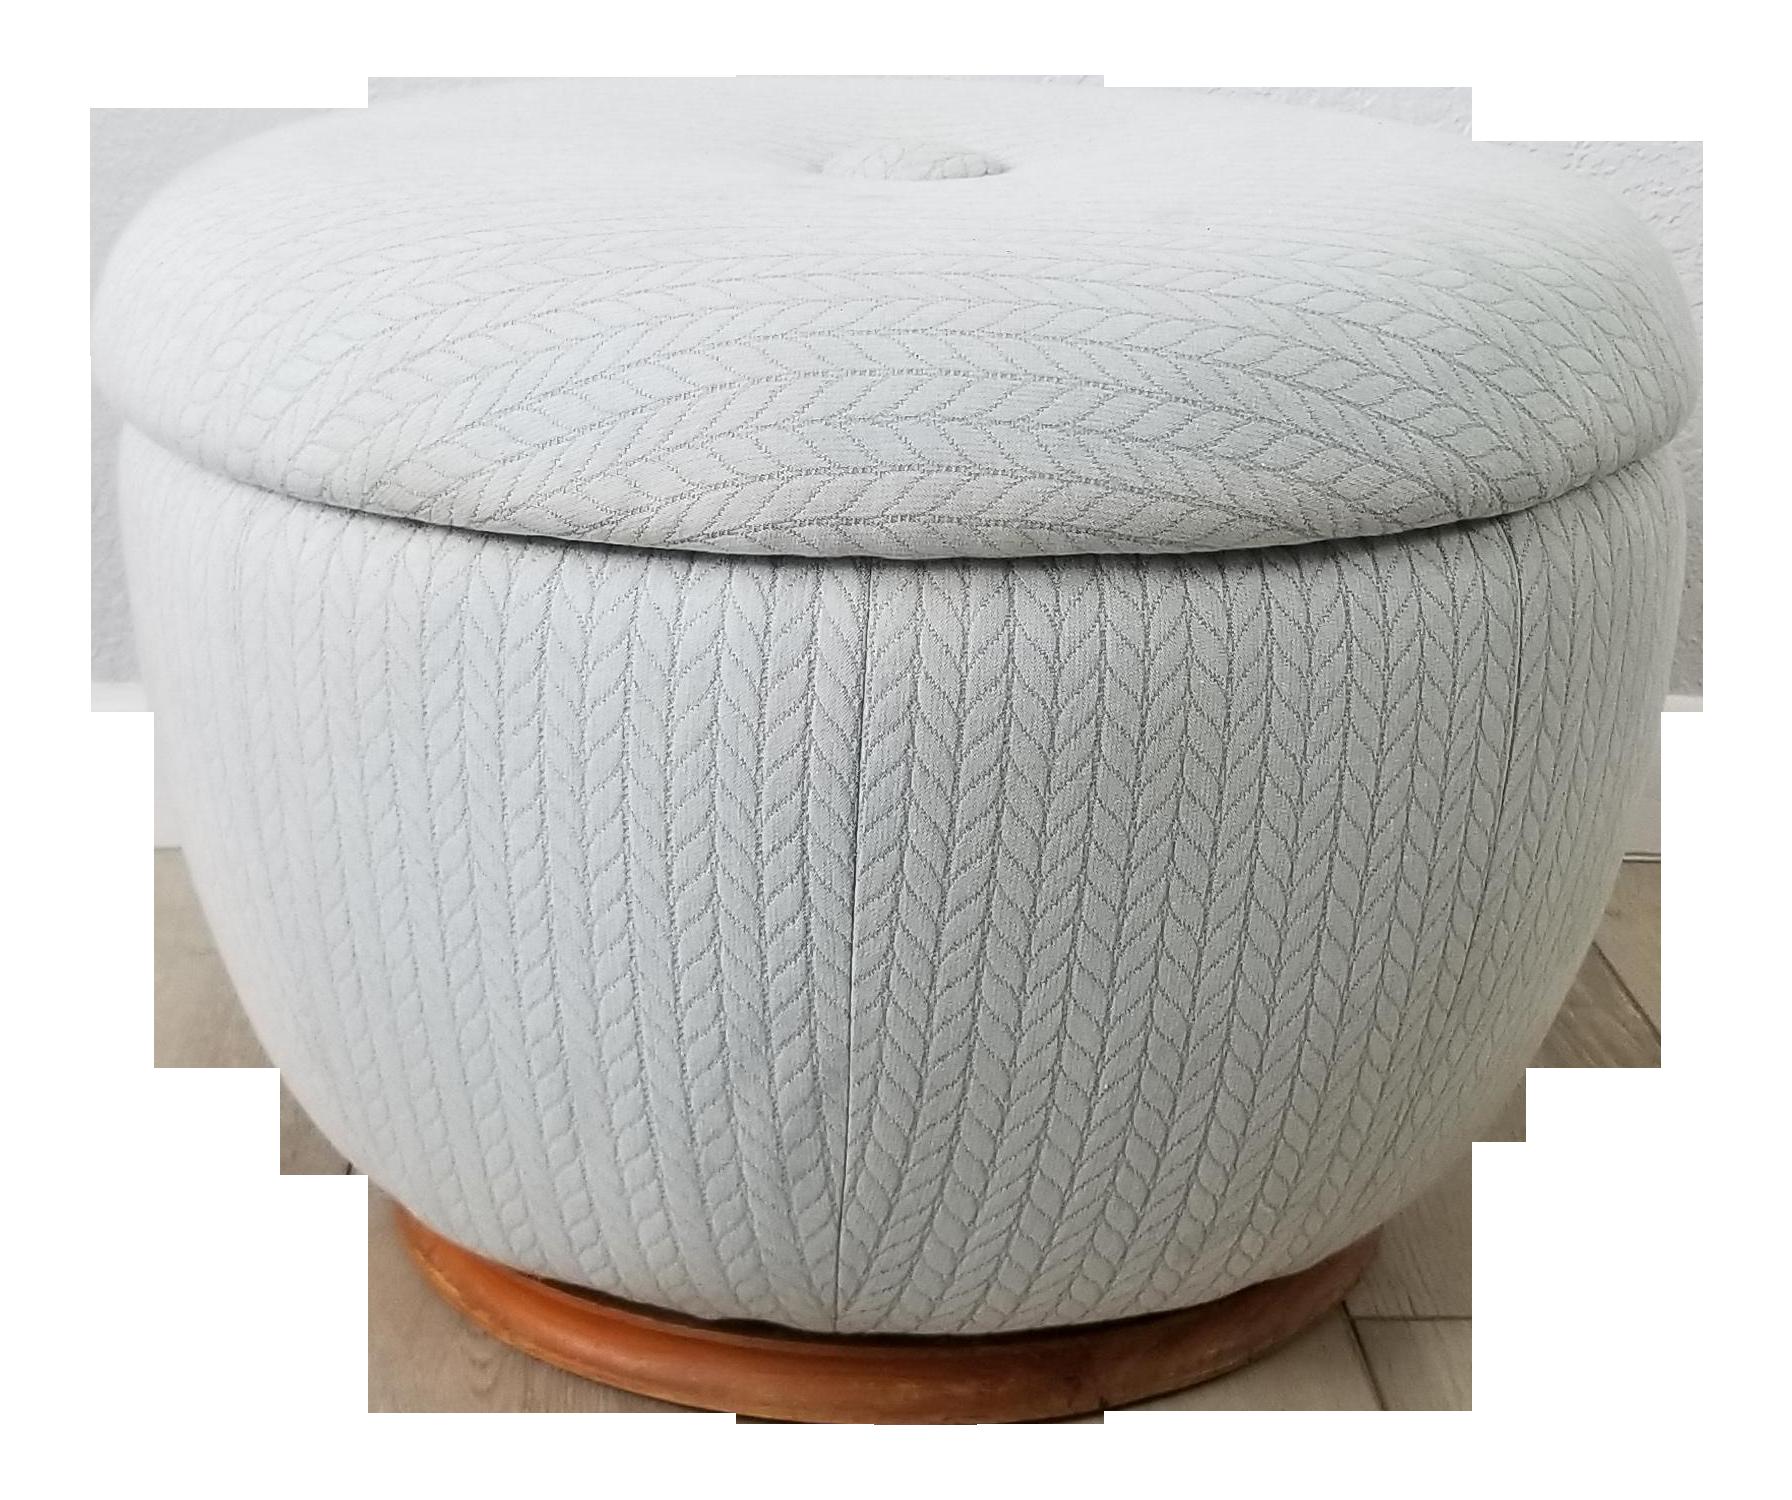 Mid Century Adrian Pearsall Style Swivel Pouf Round Ottoman Chairish